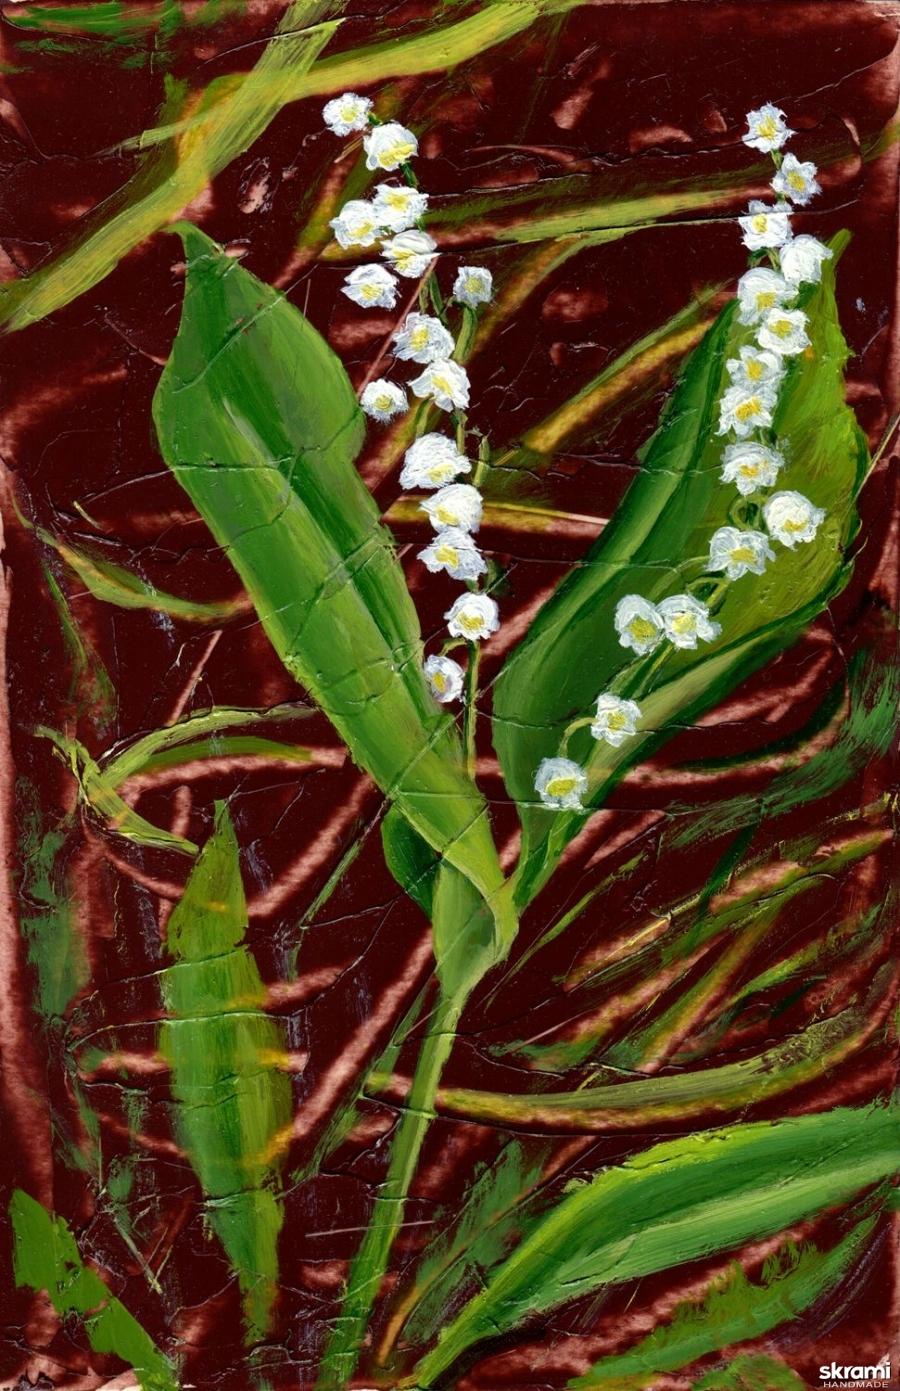 тут изображено Ландыш The Lily of the Valley